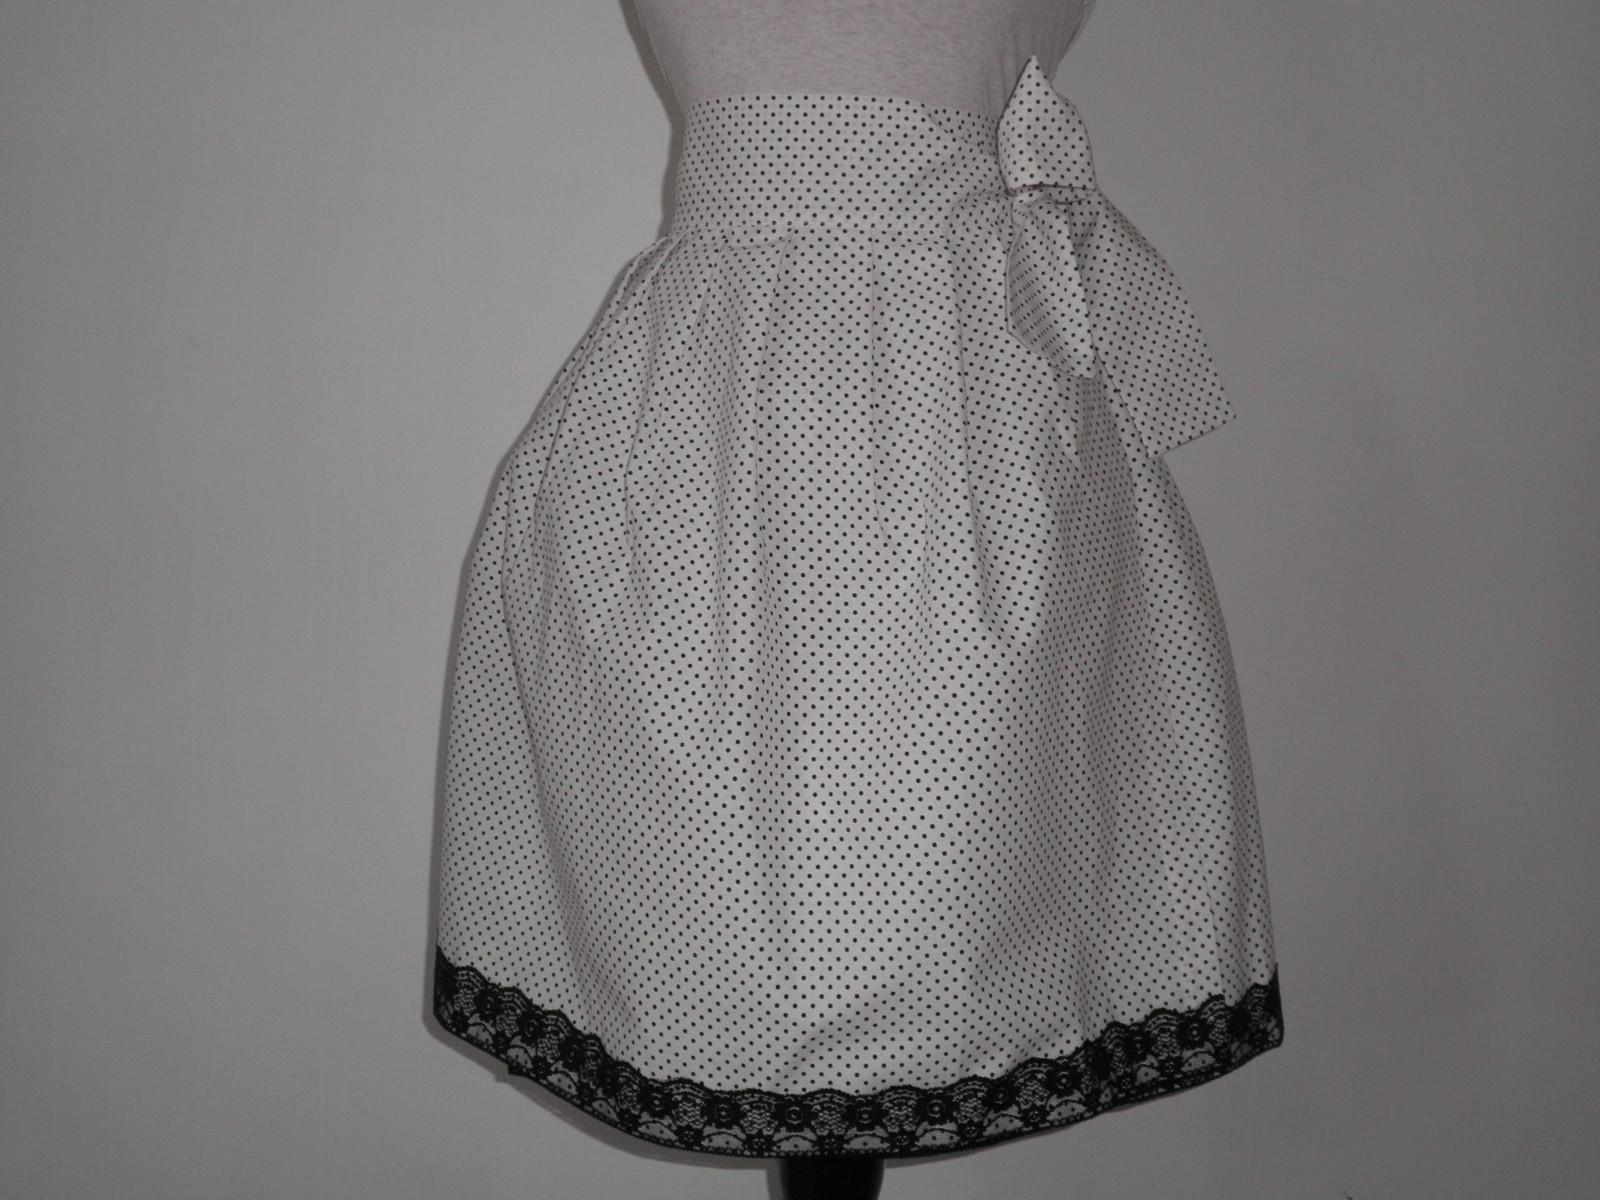 Zavinovací sukně černý puntíček na bílé AKCE   Zboží prodejce ELA P ... f183e81323